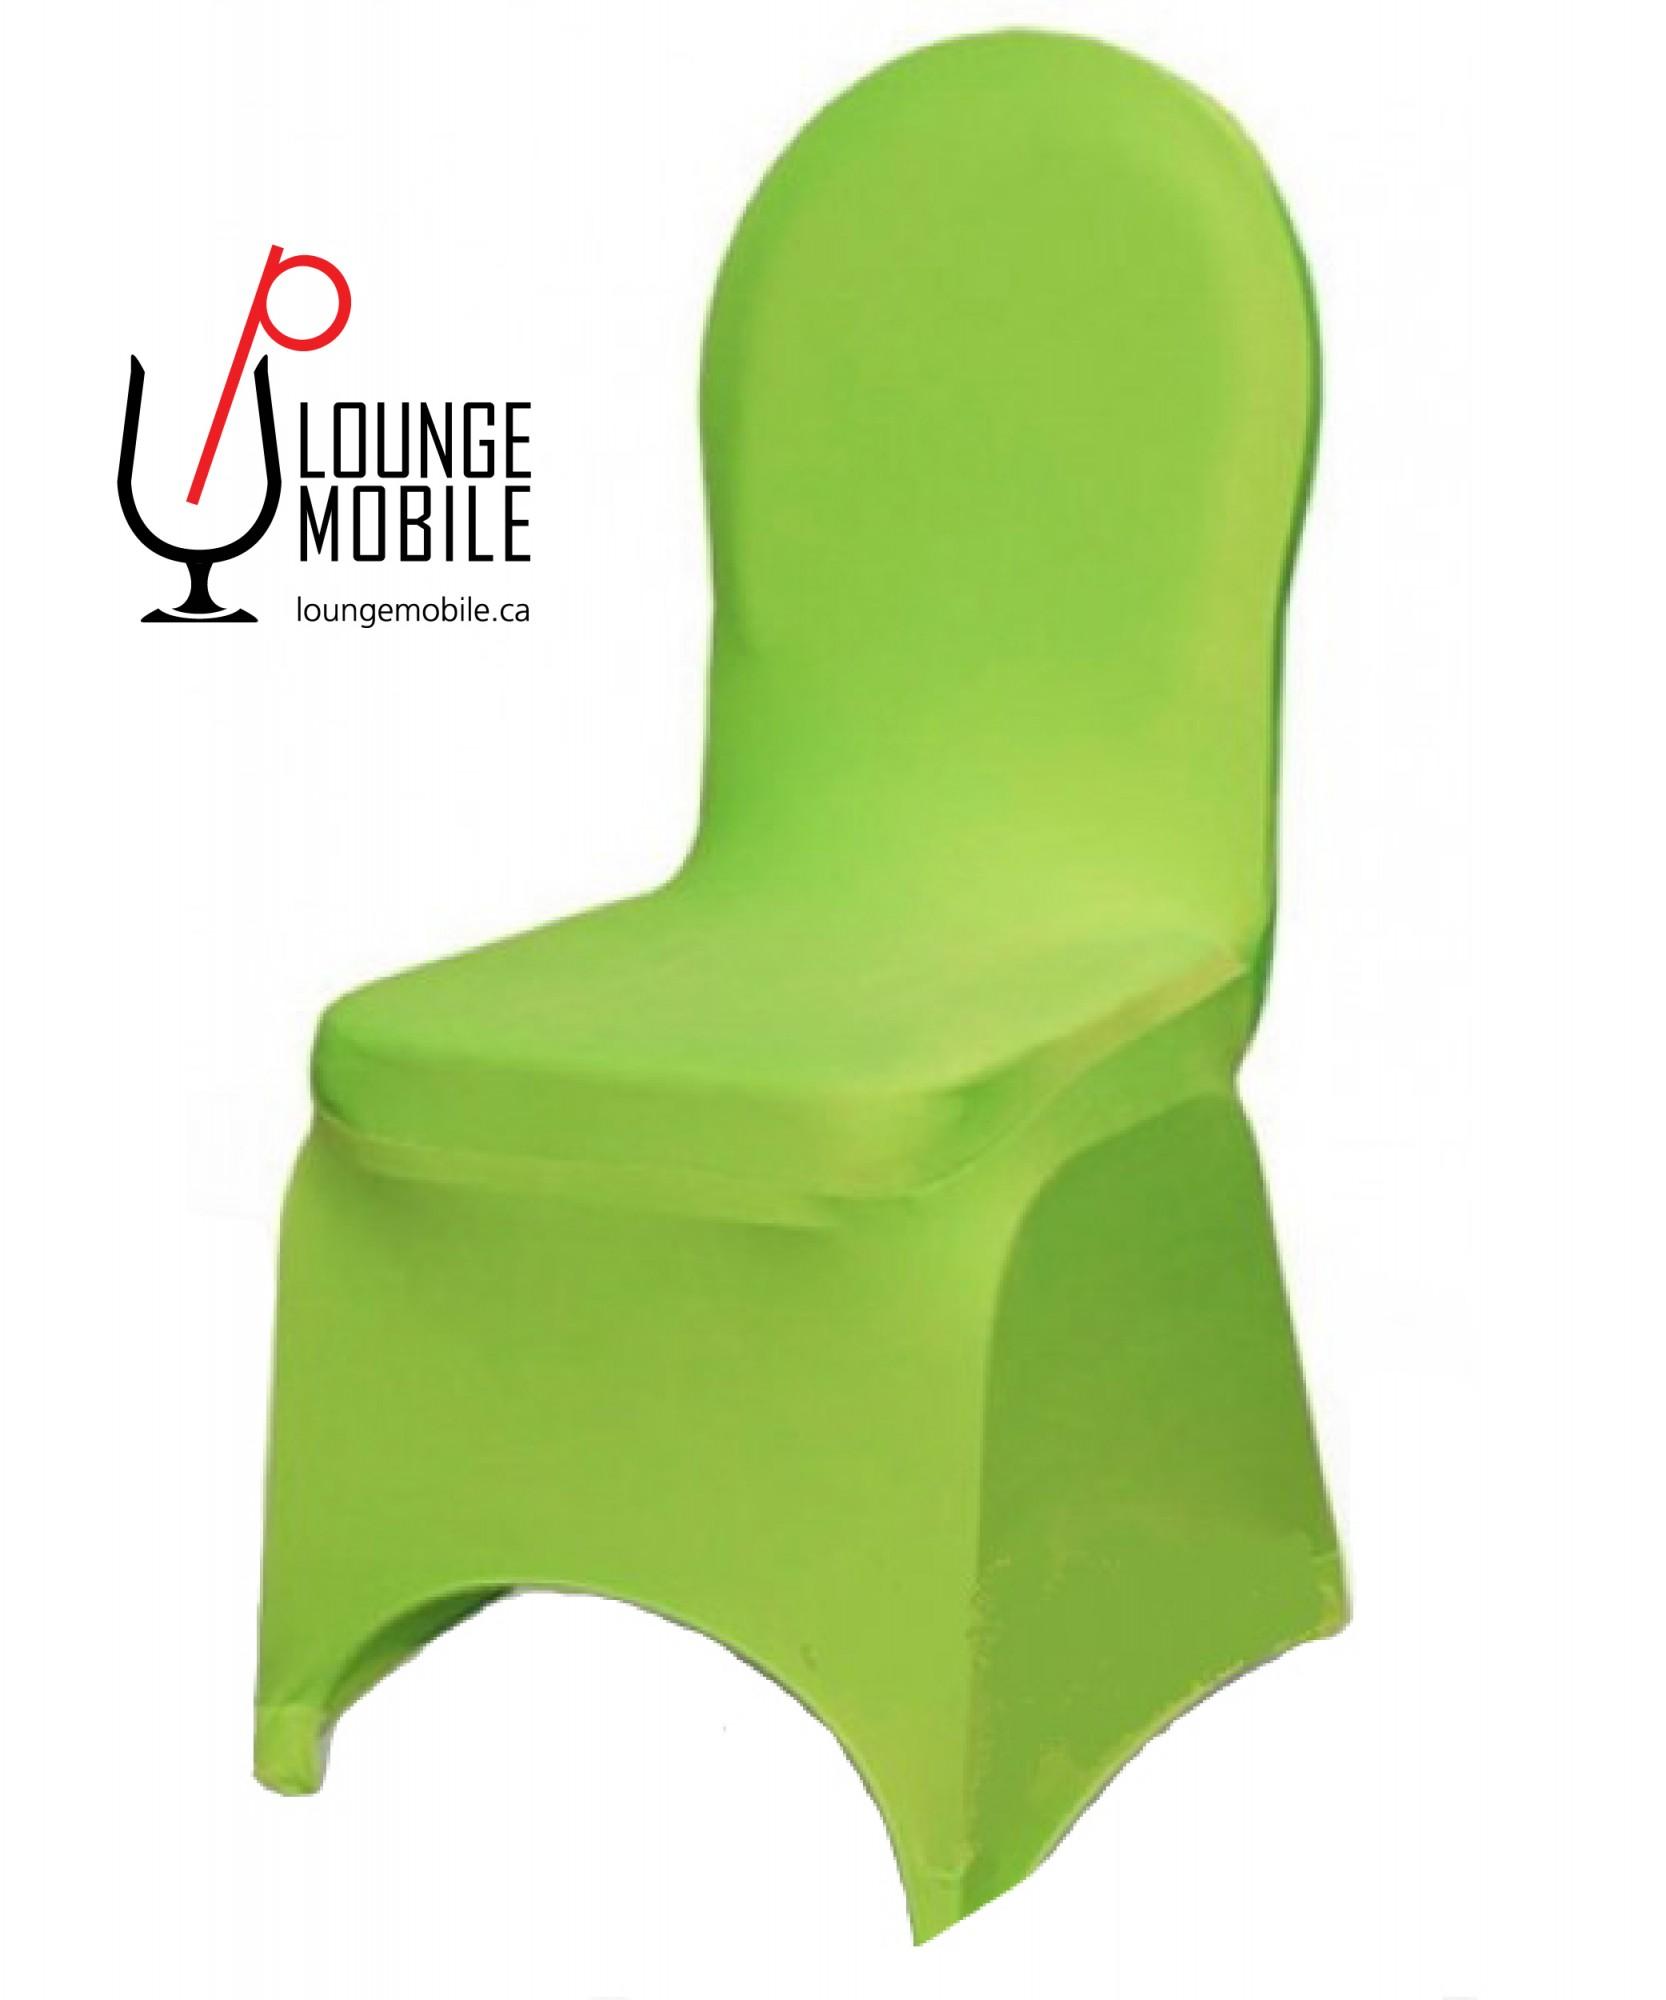 housse de chaise lycra vert lime d coration les productions c l brason site officiel. Black Bedroom Furniture Sets. Home Design Ideas